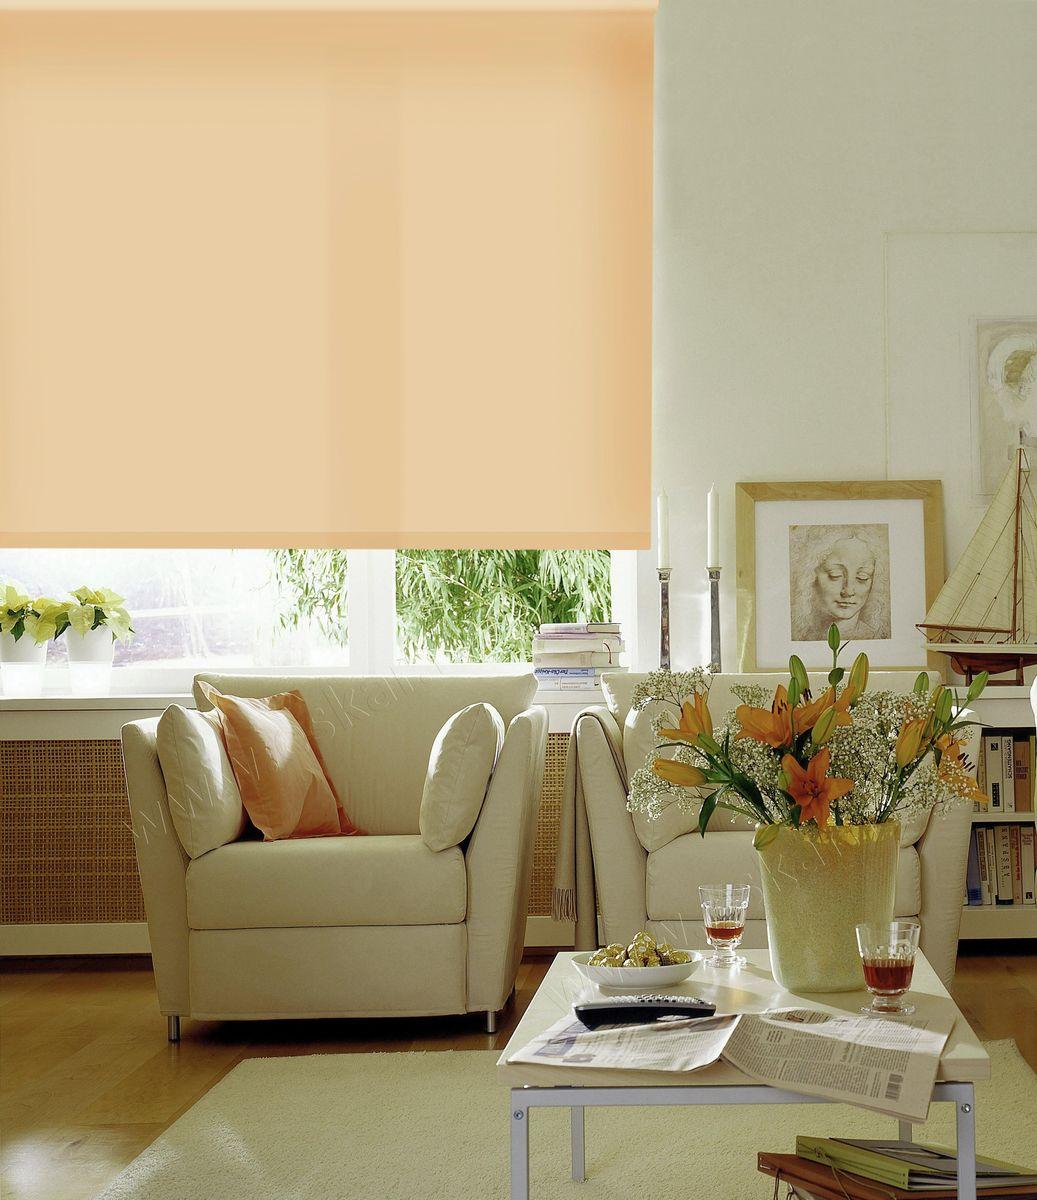 Штора рулонная Эскар, цвет: светло-абрикосовый, ширина 140 см, высота 170 см81112140170Рулонными шторами можно оформлять окна как самостоятельно, так и использовать в комбинации с портьерами. Это поможет предотвратить выгорание дорогой ткани на солнце и соединит функционал рулонных с красотой навесных.Преимущества применения рулонных штор для пластиковых окон:- имеют прекрасный внешний вид: многообразие и фактурность материала изделия отлично смотрятся в любом интерьере; - многофункциональны: есть возможность подобрать шторы способные эффективно защитить комнату от солнца, при этом о на не будет слишком темной. - Есть возможность осуществить быстрый монтаж. ВНИМАНИЕ! Размеры ширины изделия указаны по ширине ткани!Во время эксплуатации не рекомендуется полностью разматывать рулон, чтобы не оторвать ткань от намоточного вала.В случае загрязнения поверхности ткани, чистку шторы проводят одним из способов, в зависимости от типа загрязнения: легкое поверхностное загрязнение можно удалить при помощи канцелярского ластика; чистка от пыли производится сухим методом при помощи пылесоса с мягкой щеткой-насадкой; для удаления пятна используйте мягкую губку с пенообразующим неагрессивным моющим средством или пятновыводитель на натуральной основе (нельзя применять растворители).